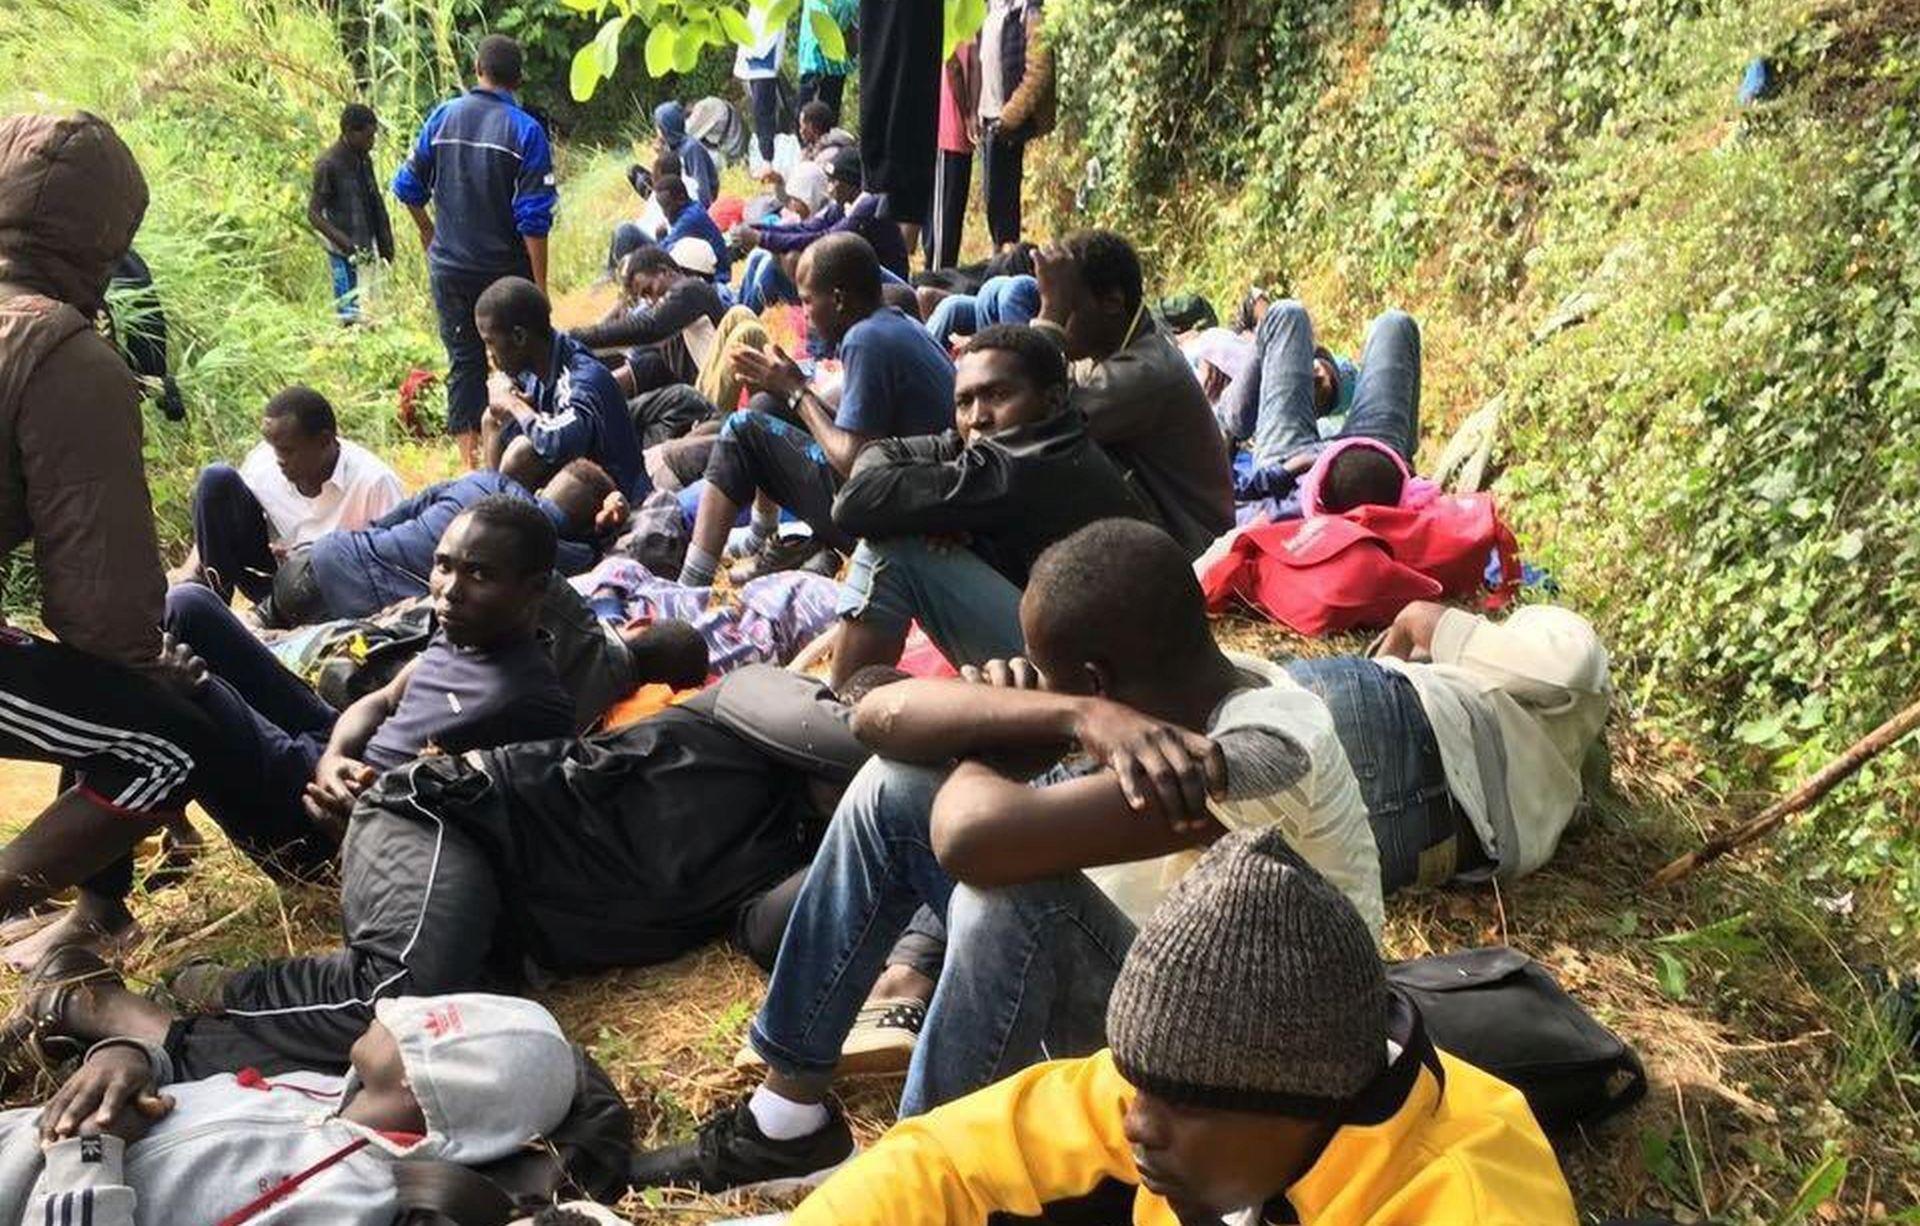 Sukob u njemačkom prihvatilištu za azilante, 30-ak uhićenih